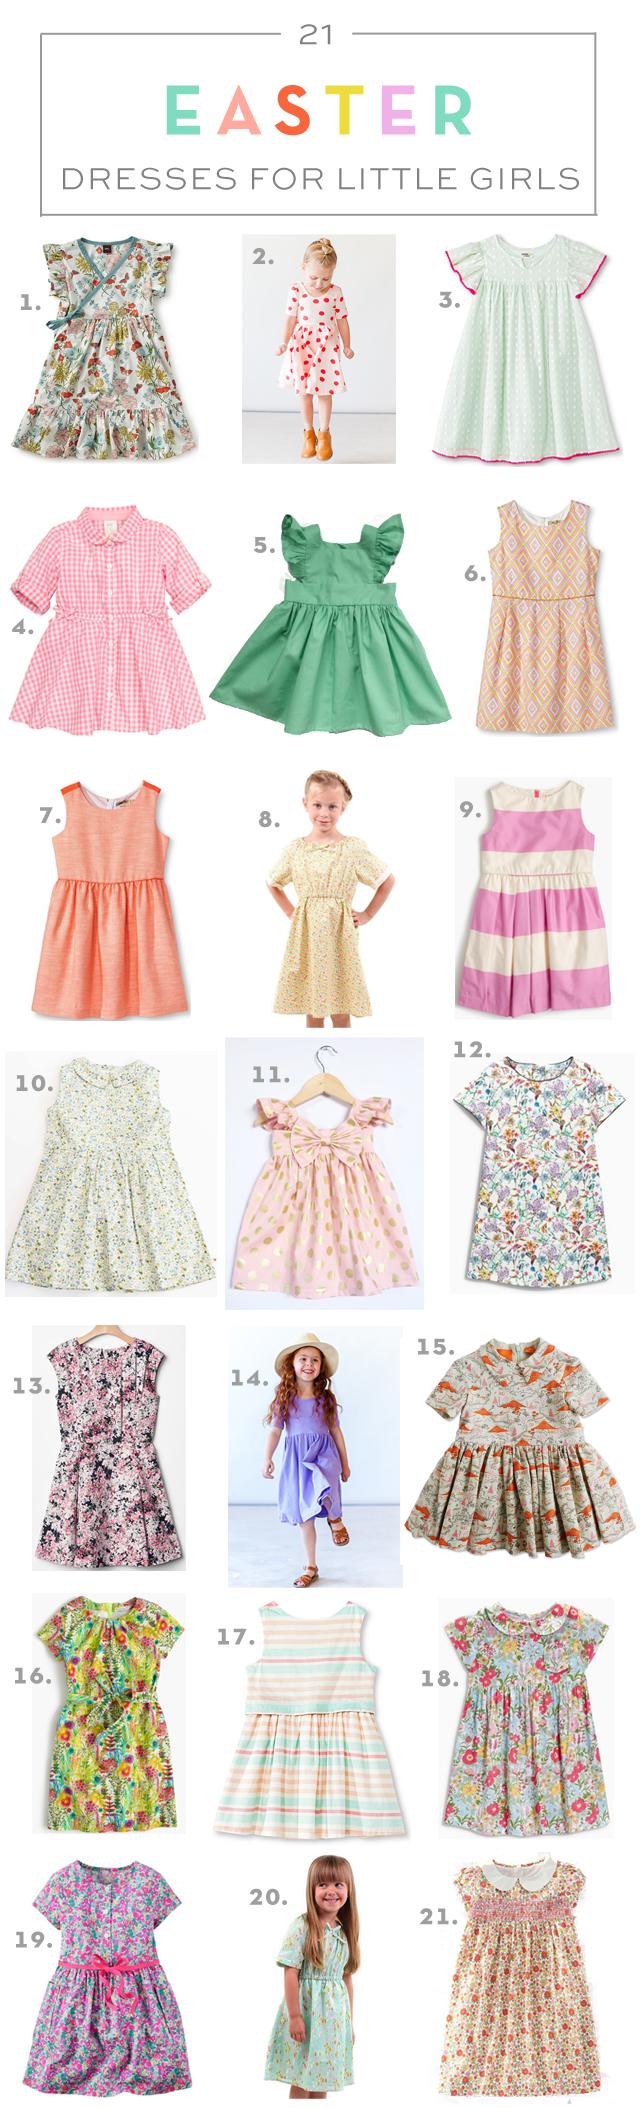 21 Easter Dresses for Little Girls // armelleblog.com